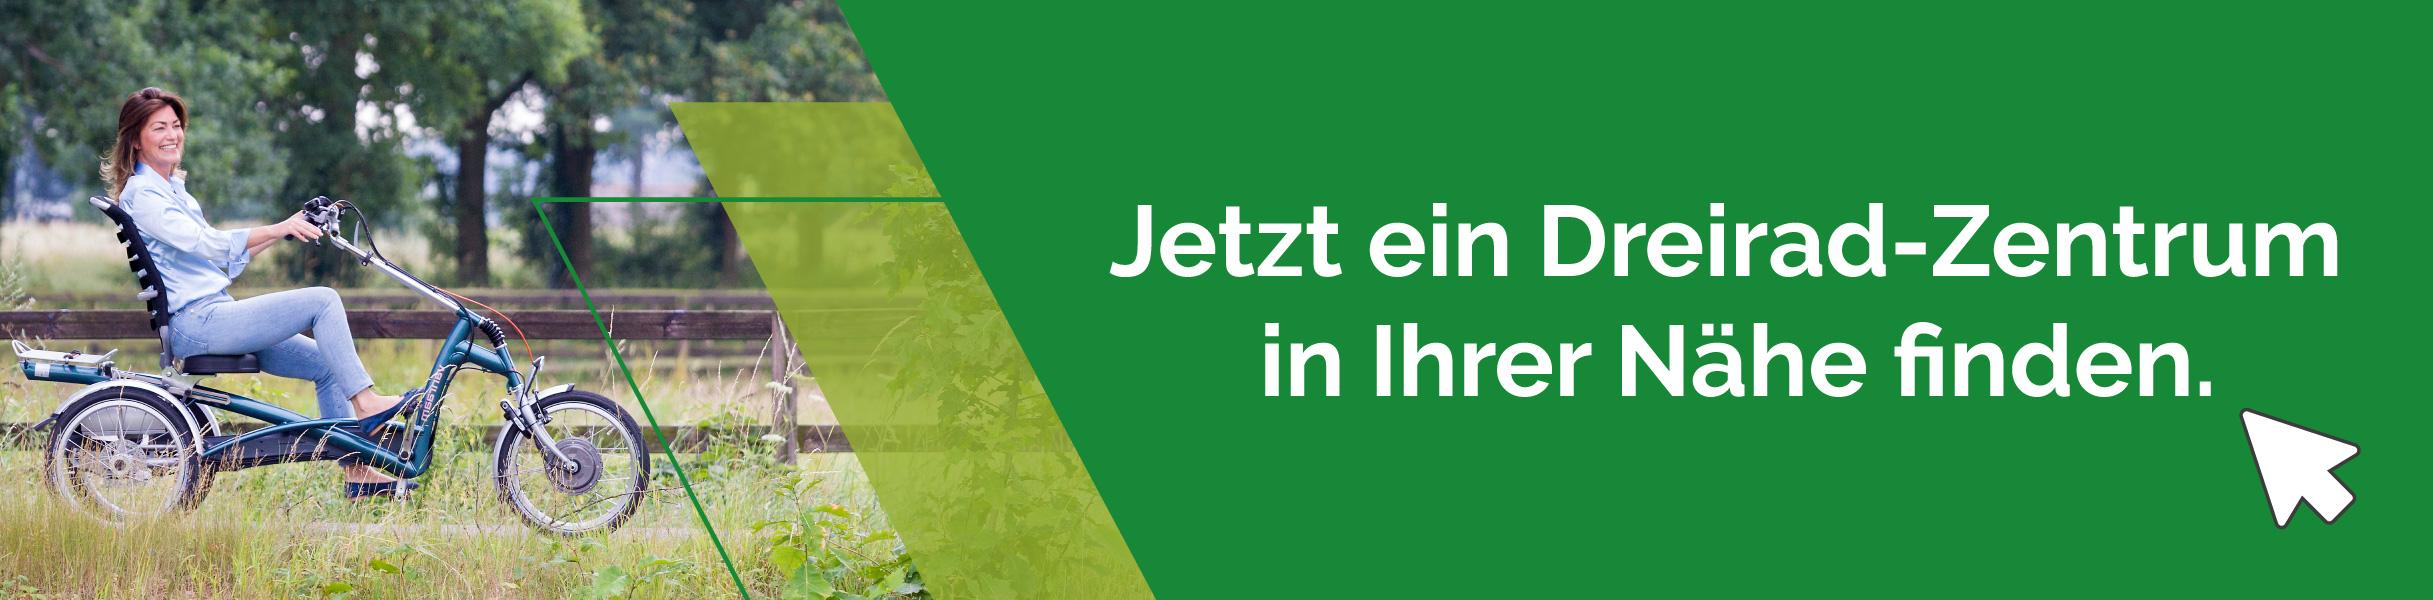 Besuchen Sie das Dreirad-Zentrum in Oberhausen und lassen Sie sich rundum das Thema Dreirad Fahrrad beraten